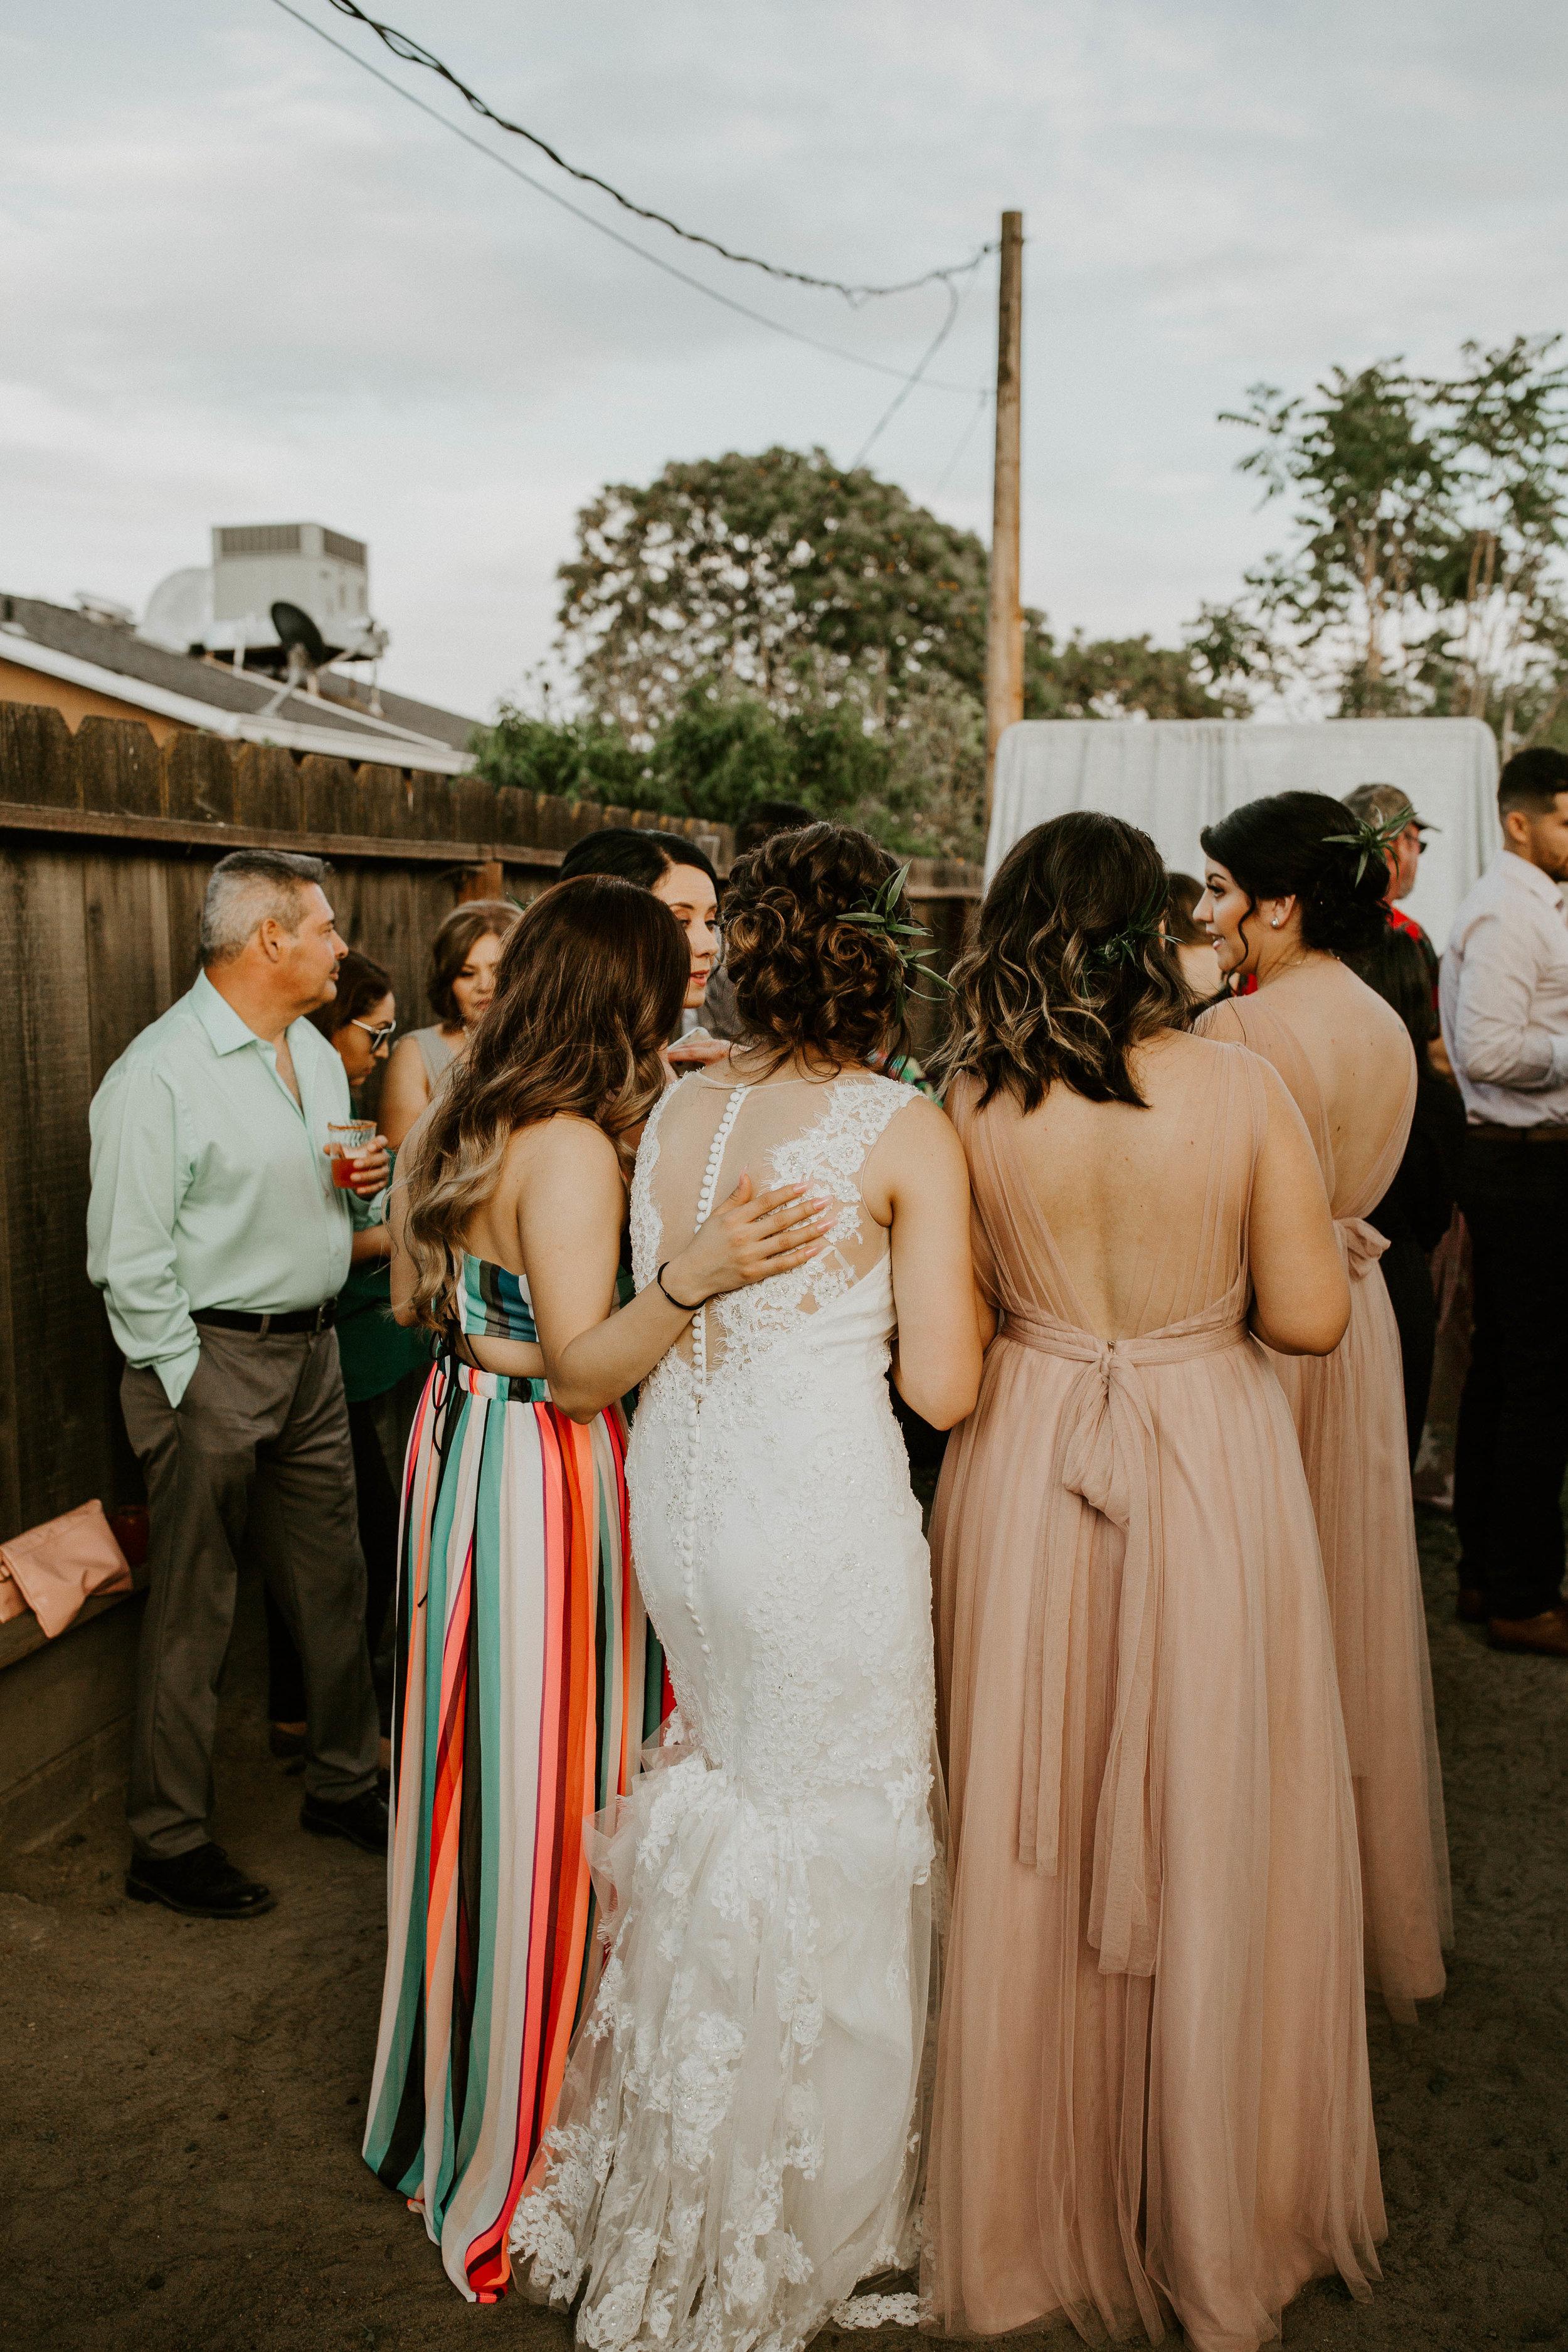 Kelsee&Yudith'sbackyardintimatewedding(466of646).jpg